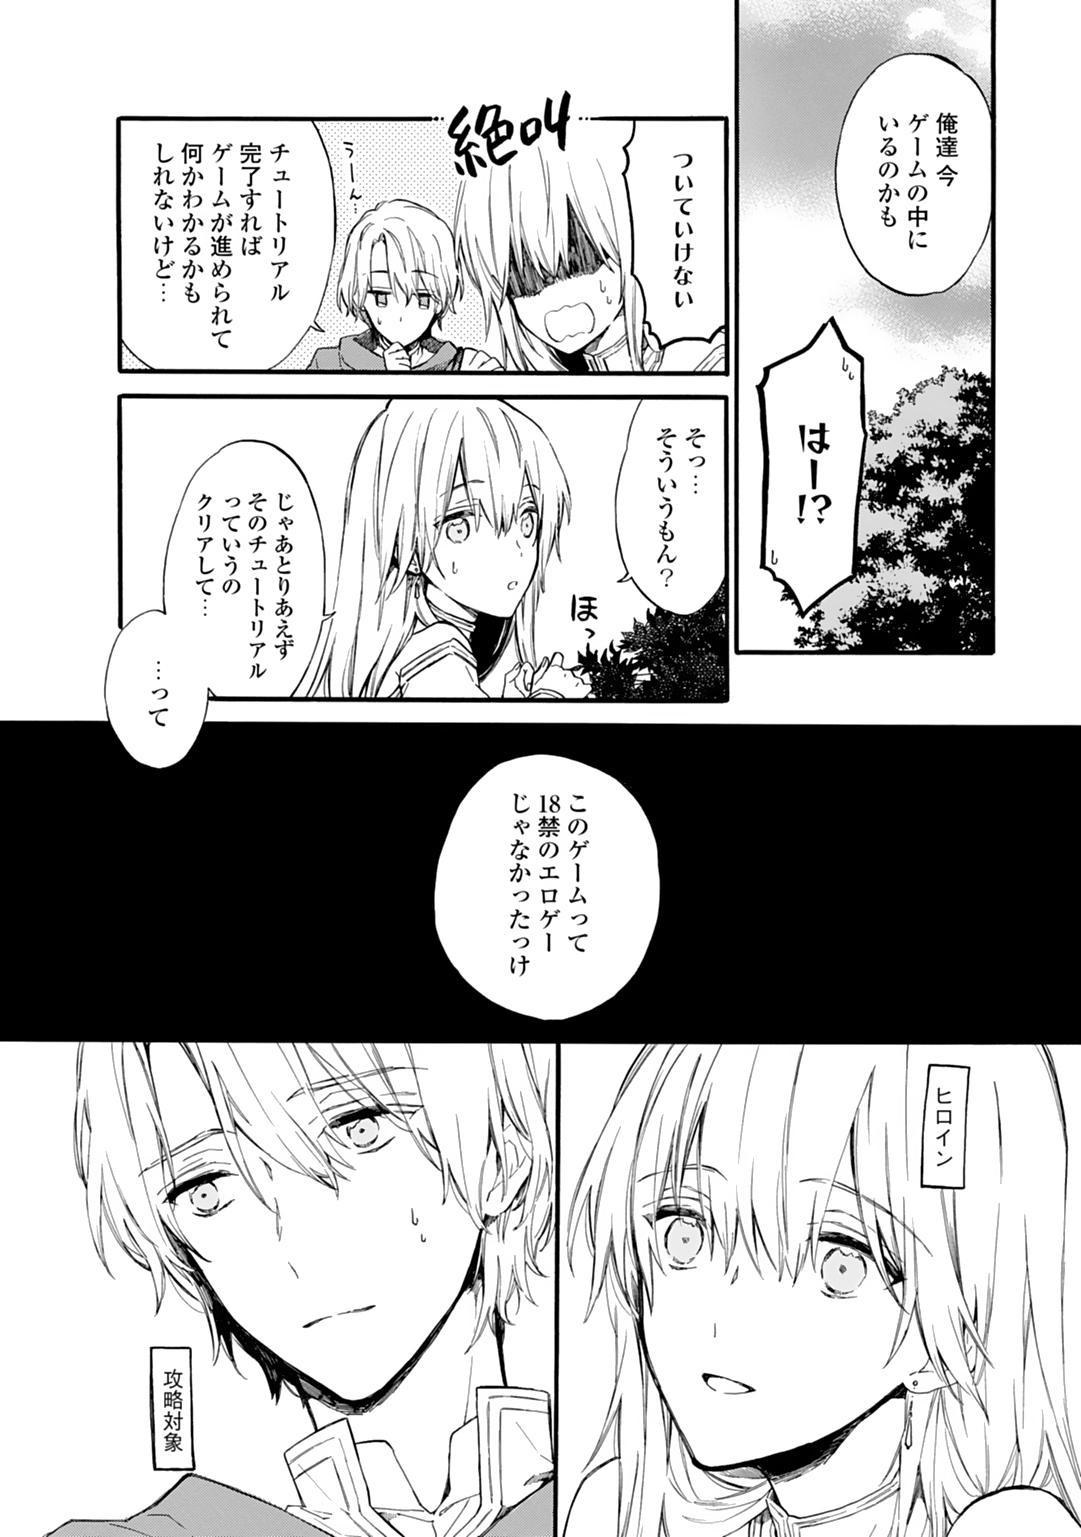 [Suzushiro Nerita] Otomege (18-kin) de Nyotaika shita Ore wa ~Clear Jouken wa Dekiai Ecchi!?~ 1-2 13